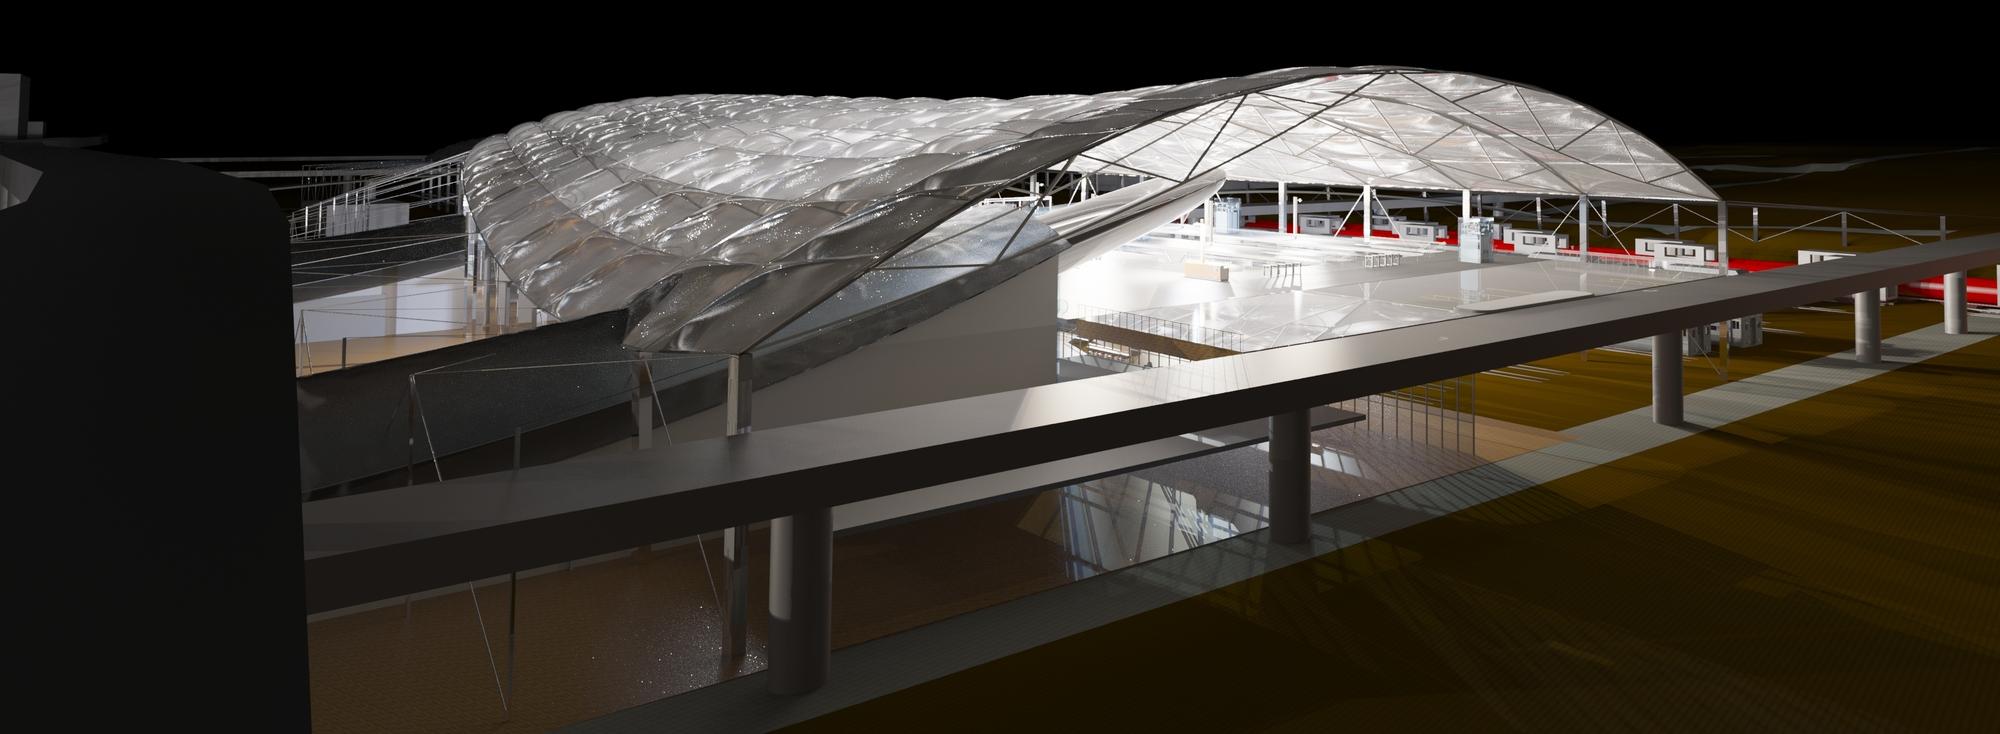 Raas-rendering20141124-26763-rgxk1w